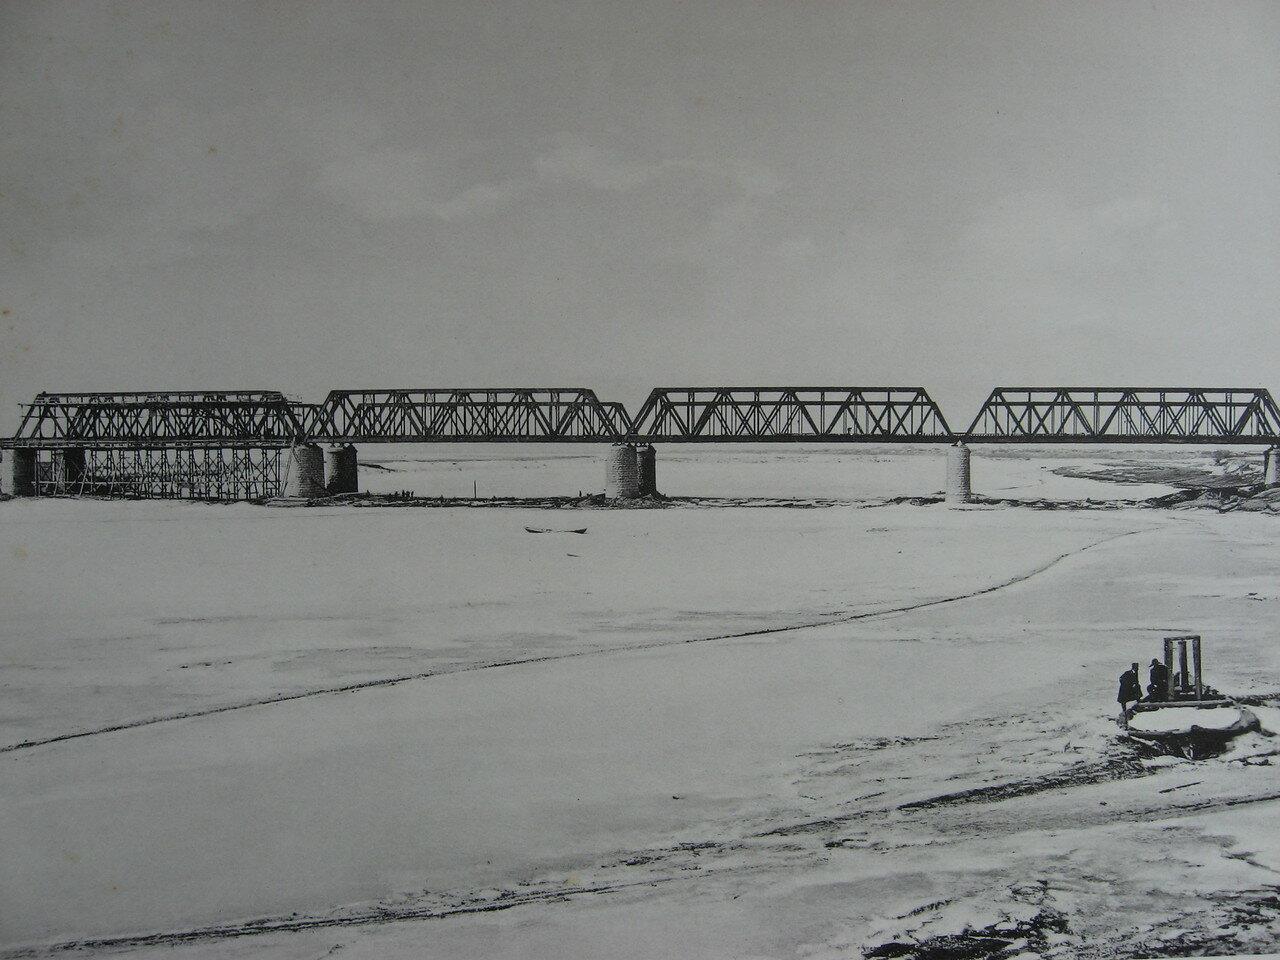 86. 2985 верста. Общий вид моста через р. Белую. Строительный период 1910-1911